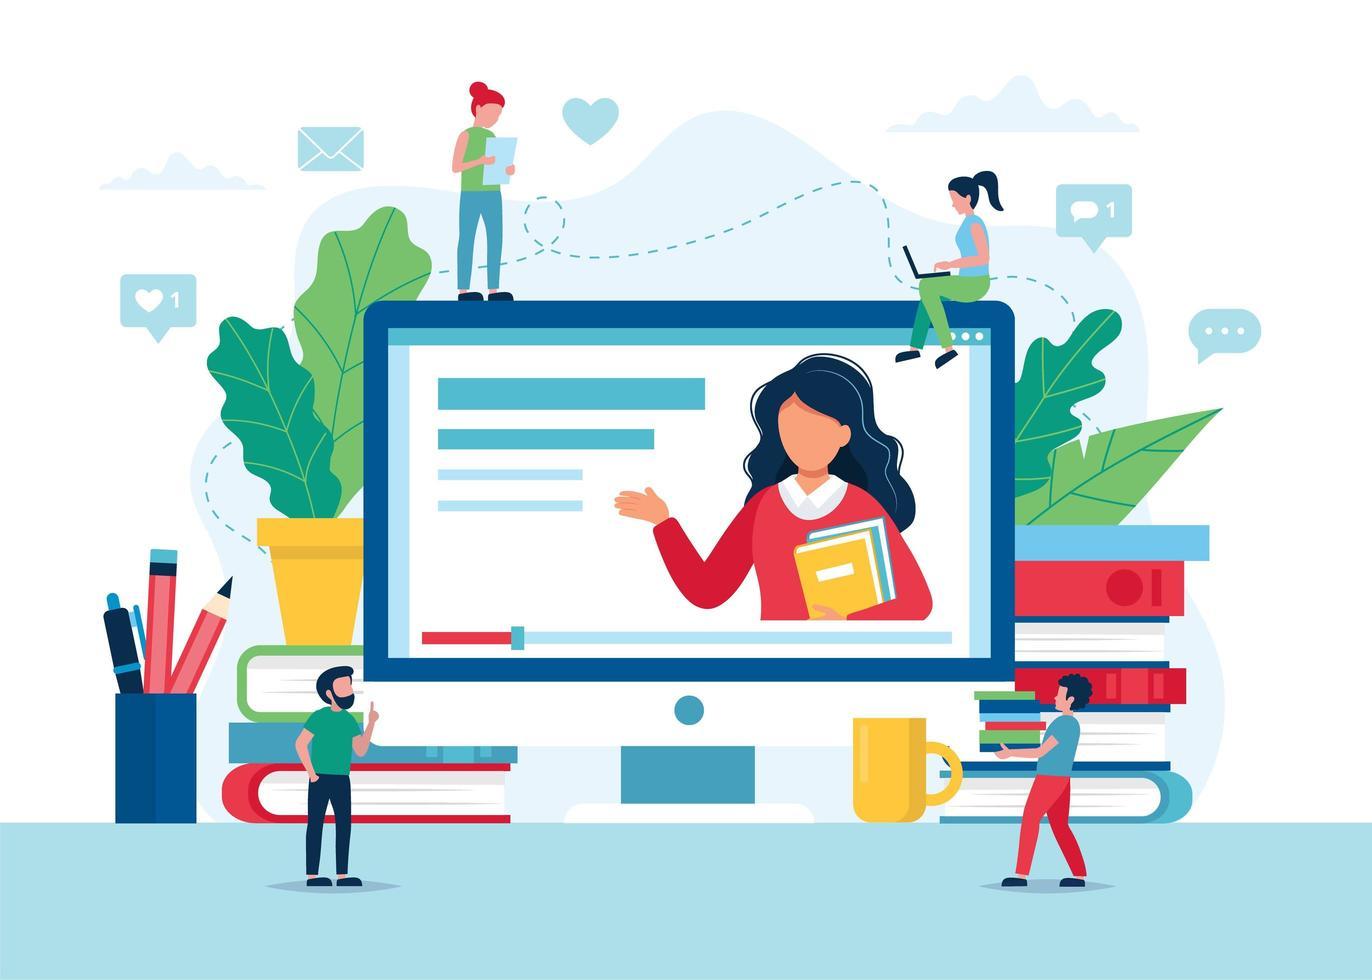 tela de educação on-line com professor, livros e lápis vetor